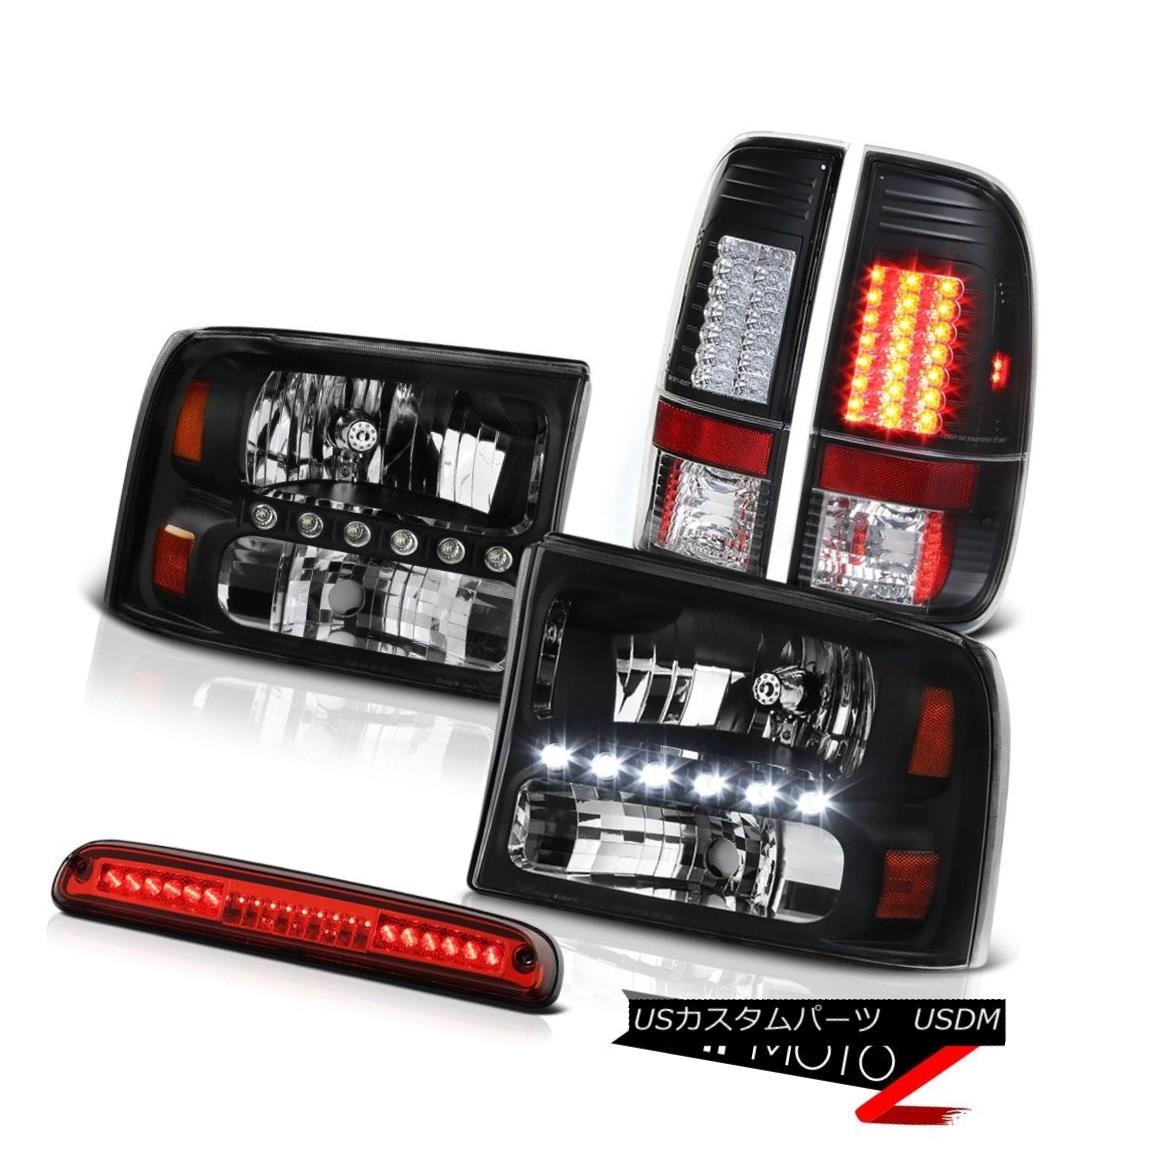 テールライト L+R Black Headlight Tail Light Assembly LED Roof Brake Red 1999-2004 F250 Lariat L + RブラックヘッドライトテールライトアセンブリLED屋根ブレーキ赤1999-2004 F250 Lariat